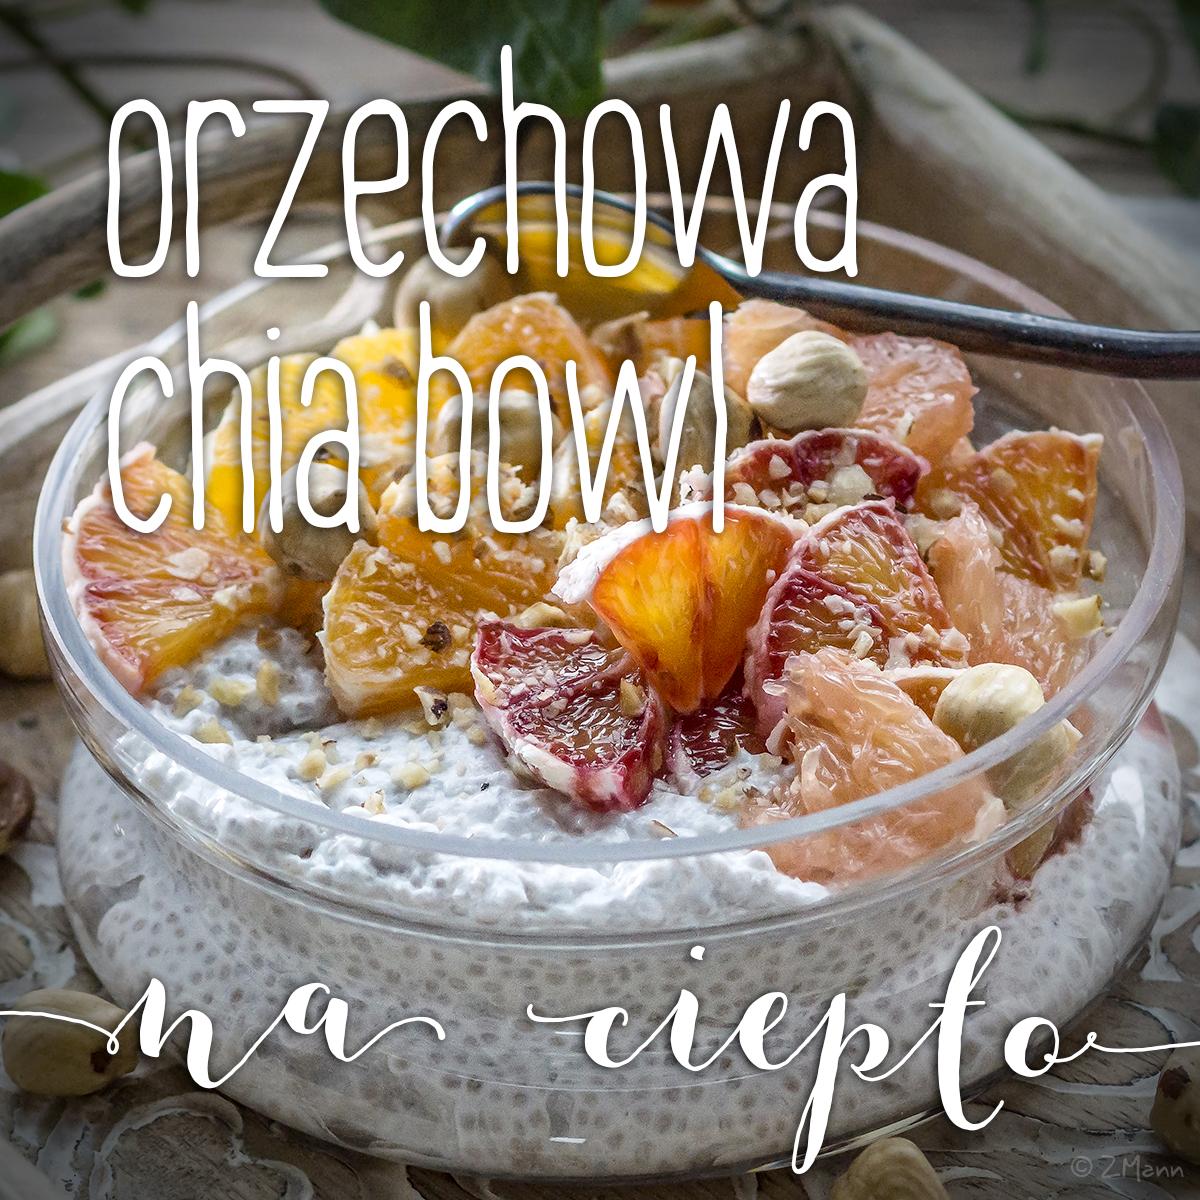 orzechowa chia bowl na ciepło